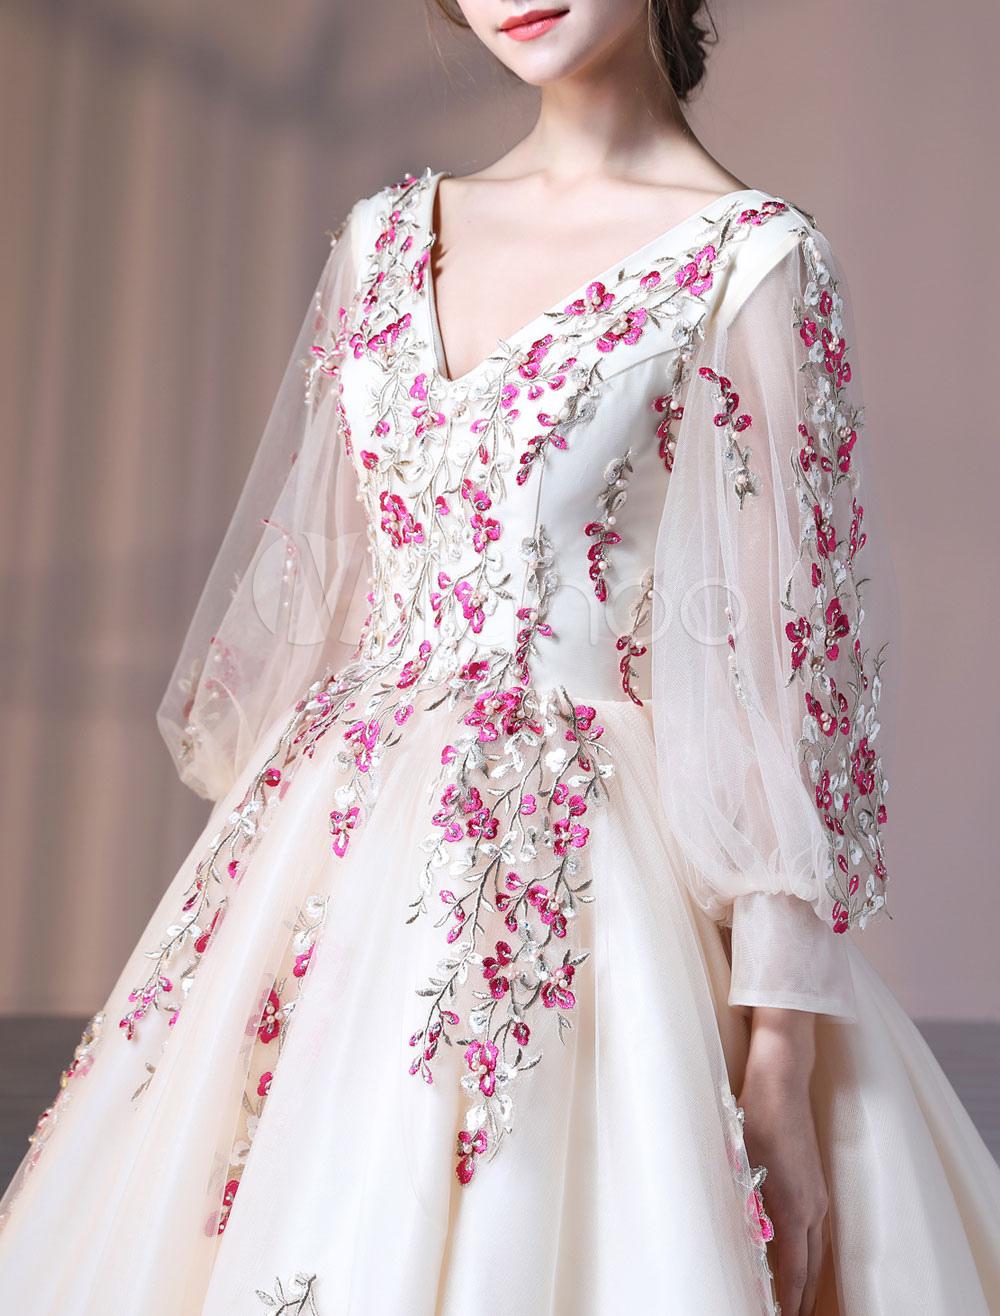 champagne quinceanera kleider luxus bestickte perlen perlen langarm v ausschnitt prinzessin. Black Bedroom Furniture Sets. Home Design Ideas